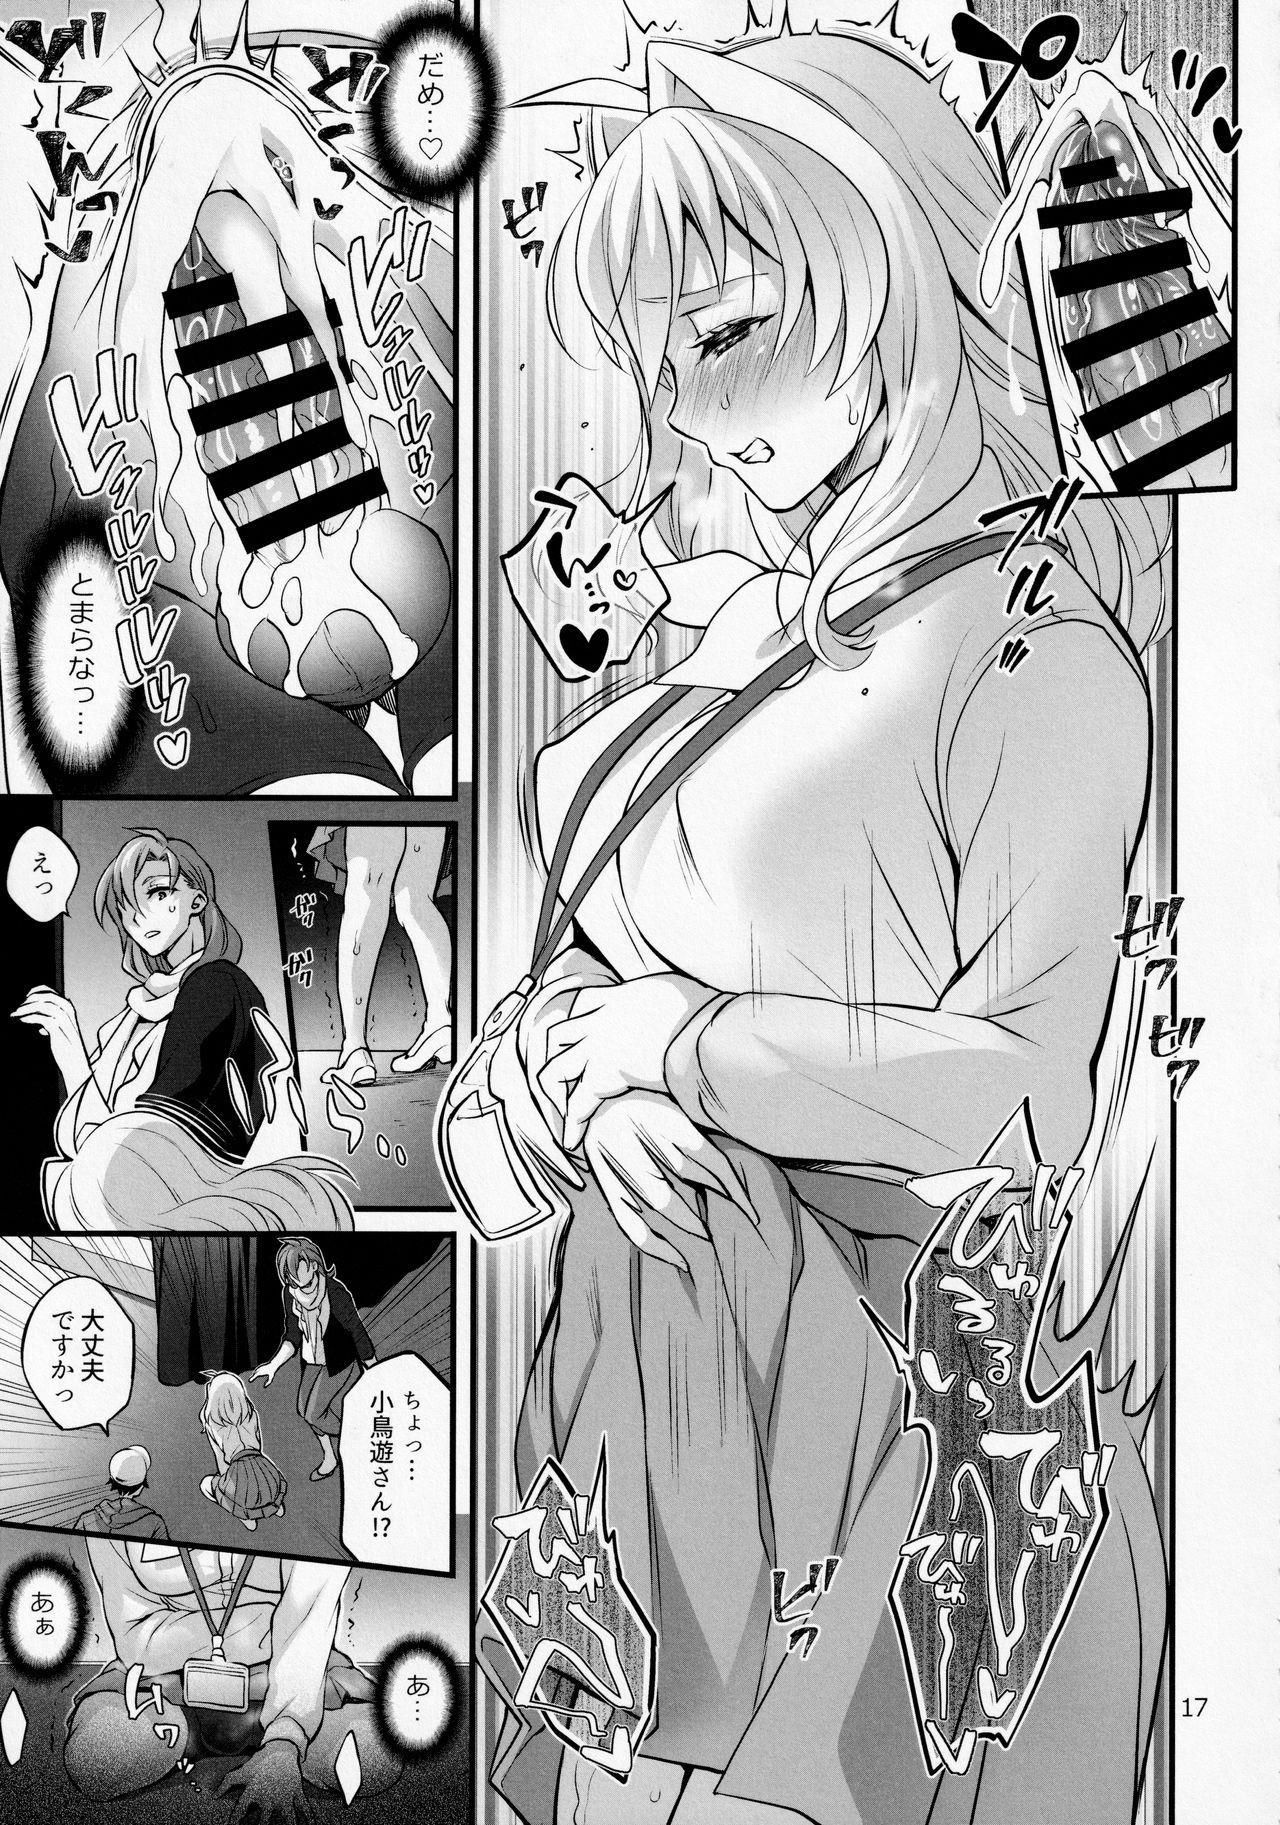 Futanari ni Natte Shimatta Taji Musho Manager no Watashi ga Eroerobiisuto de Wadai no Idol Tsunashi Ryu○suke-san to Himitsu no Shitagi Toreido 15